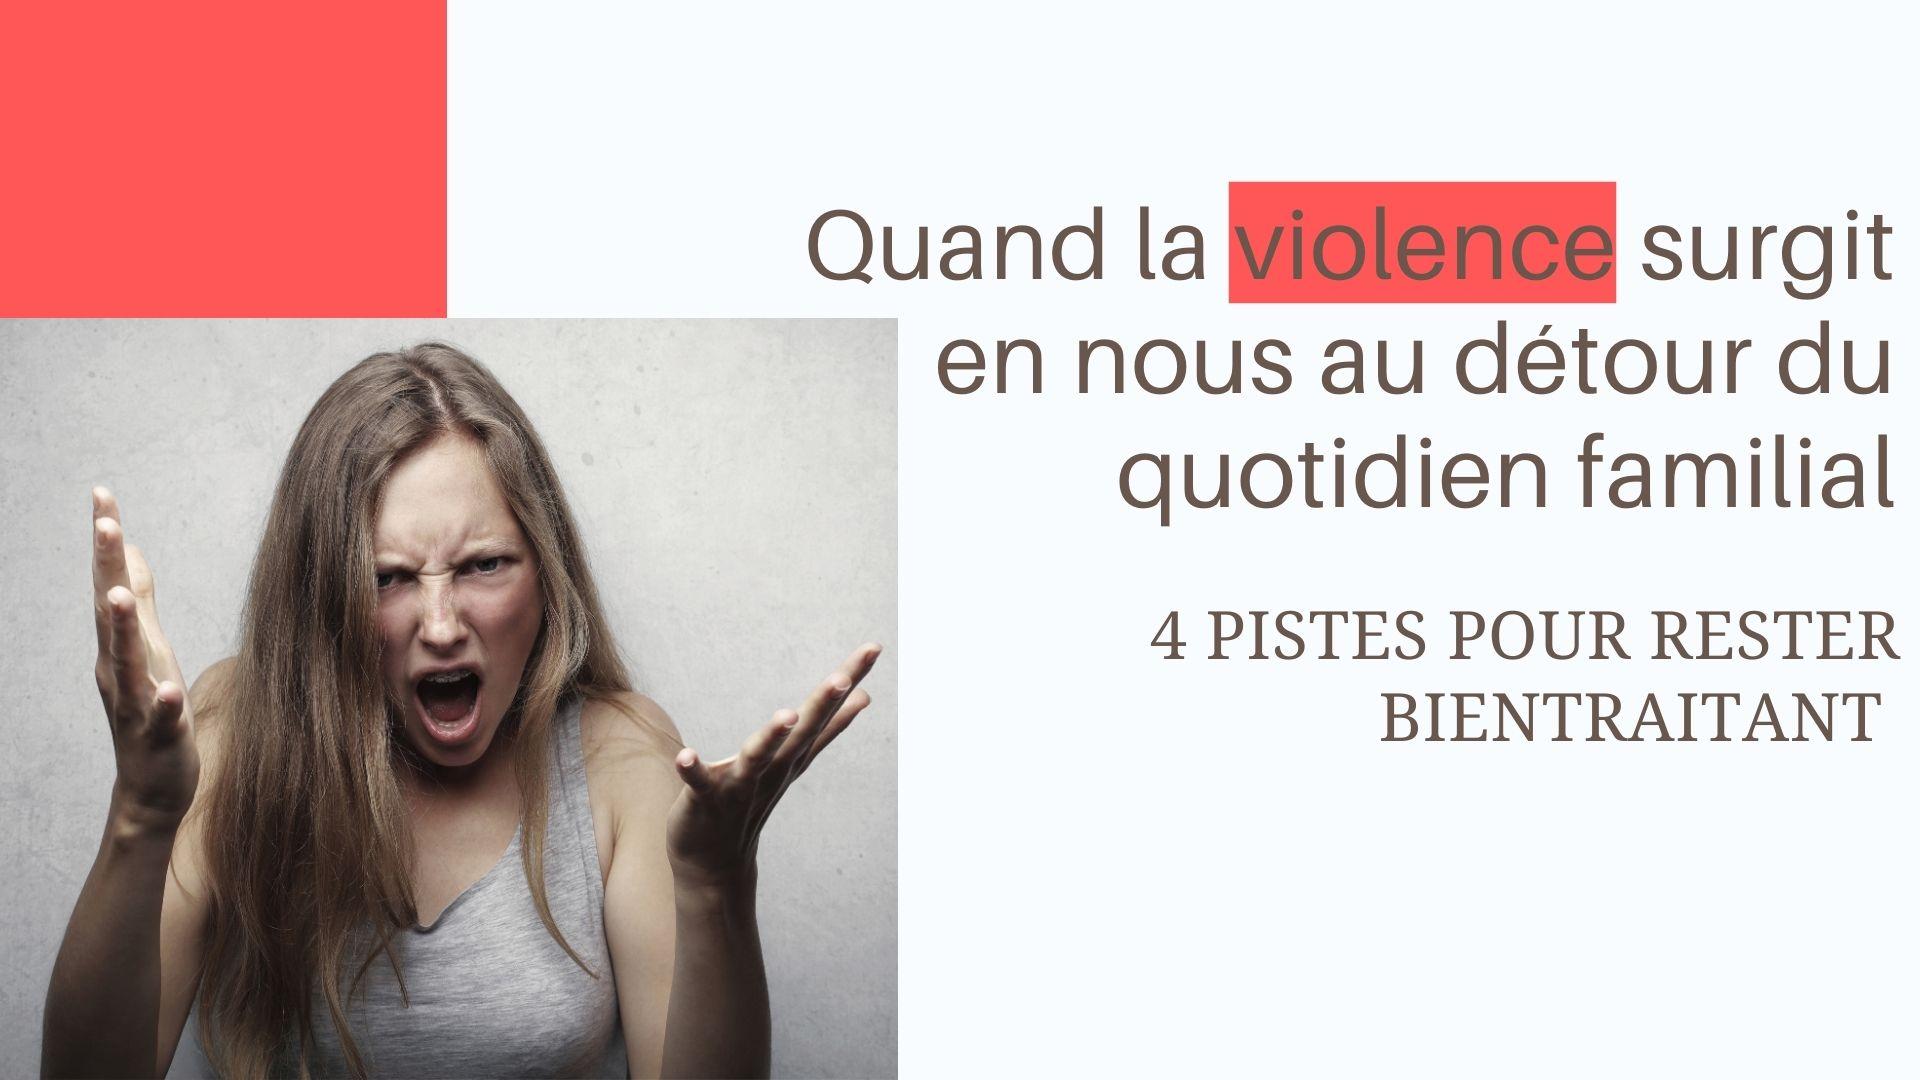 violence quotidien famille rester bientraitant